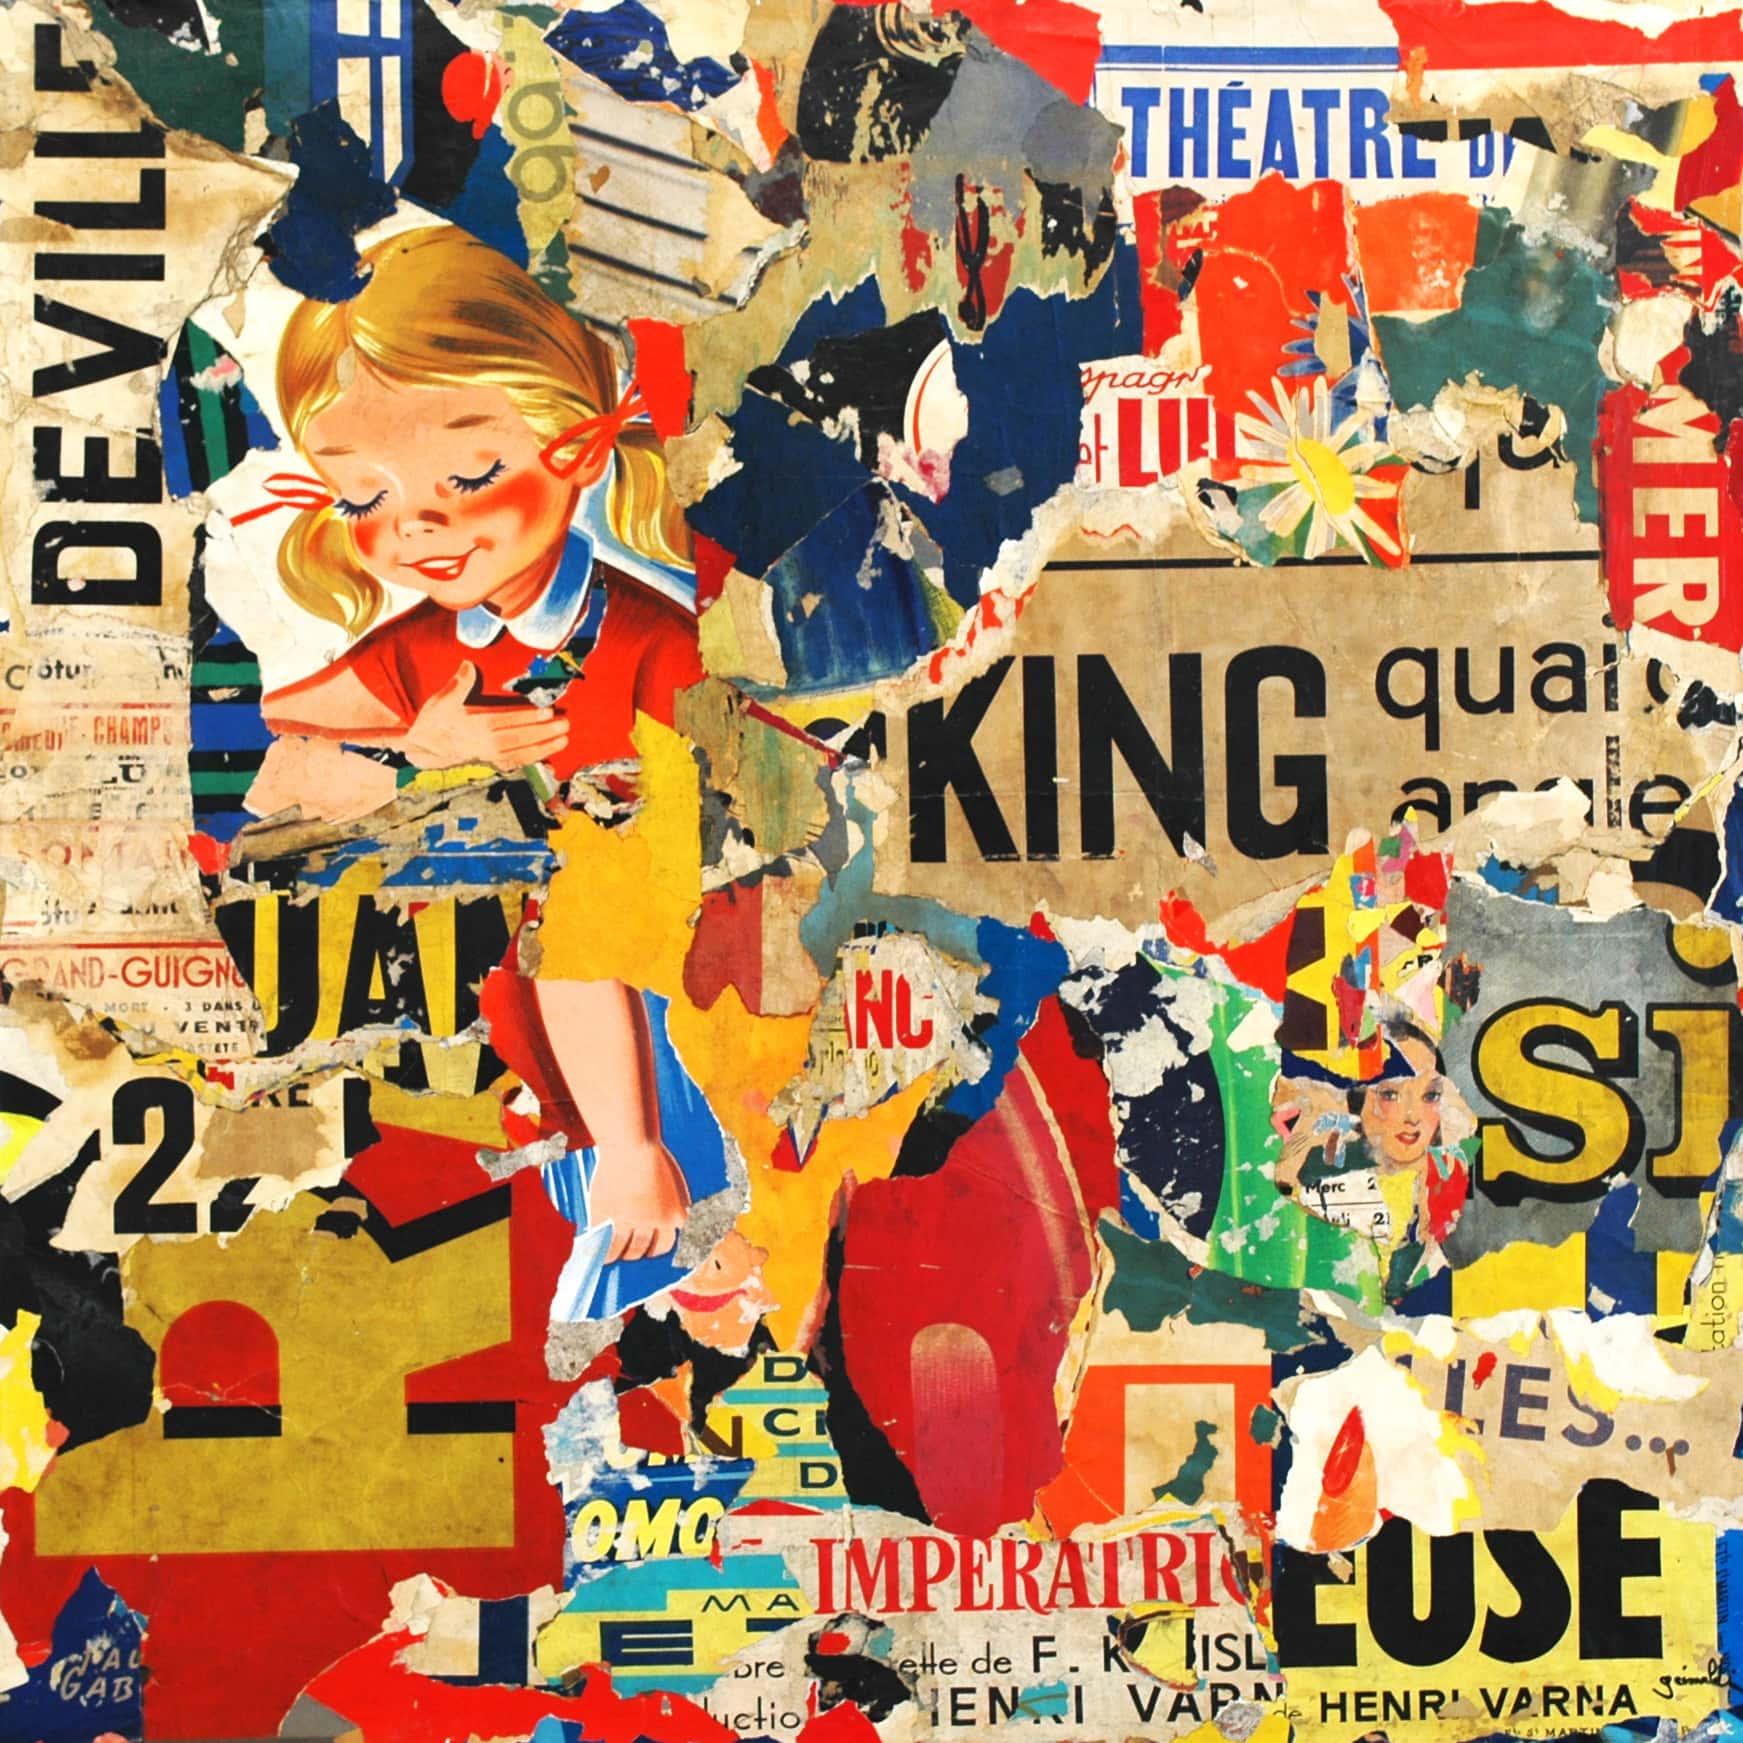 Galerie Art Jingle Pierre-François GRIMALDI King 120 x 220 cm 2021